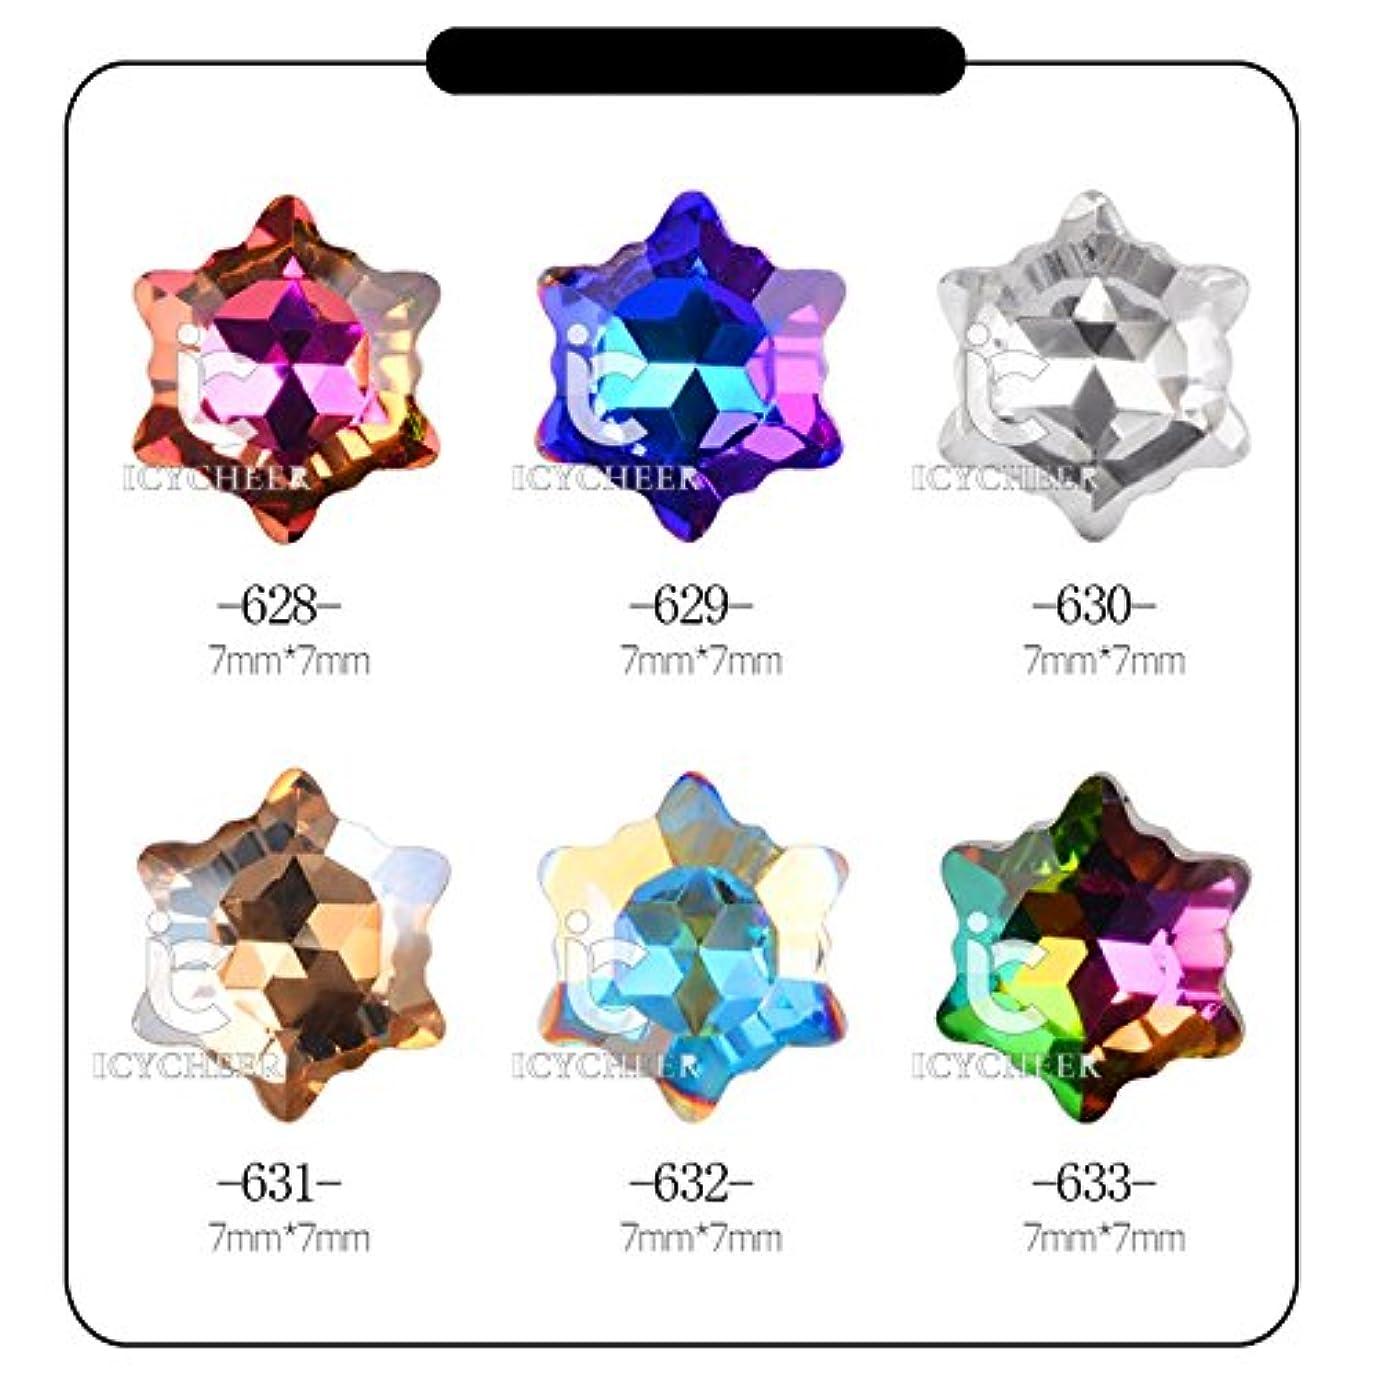 ICYCHEERホット3Dネイルアートラインストーングリッター宝石のアクリルのヒントデコレーションマニキュアホイール (629)